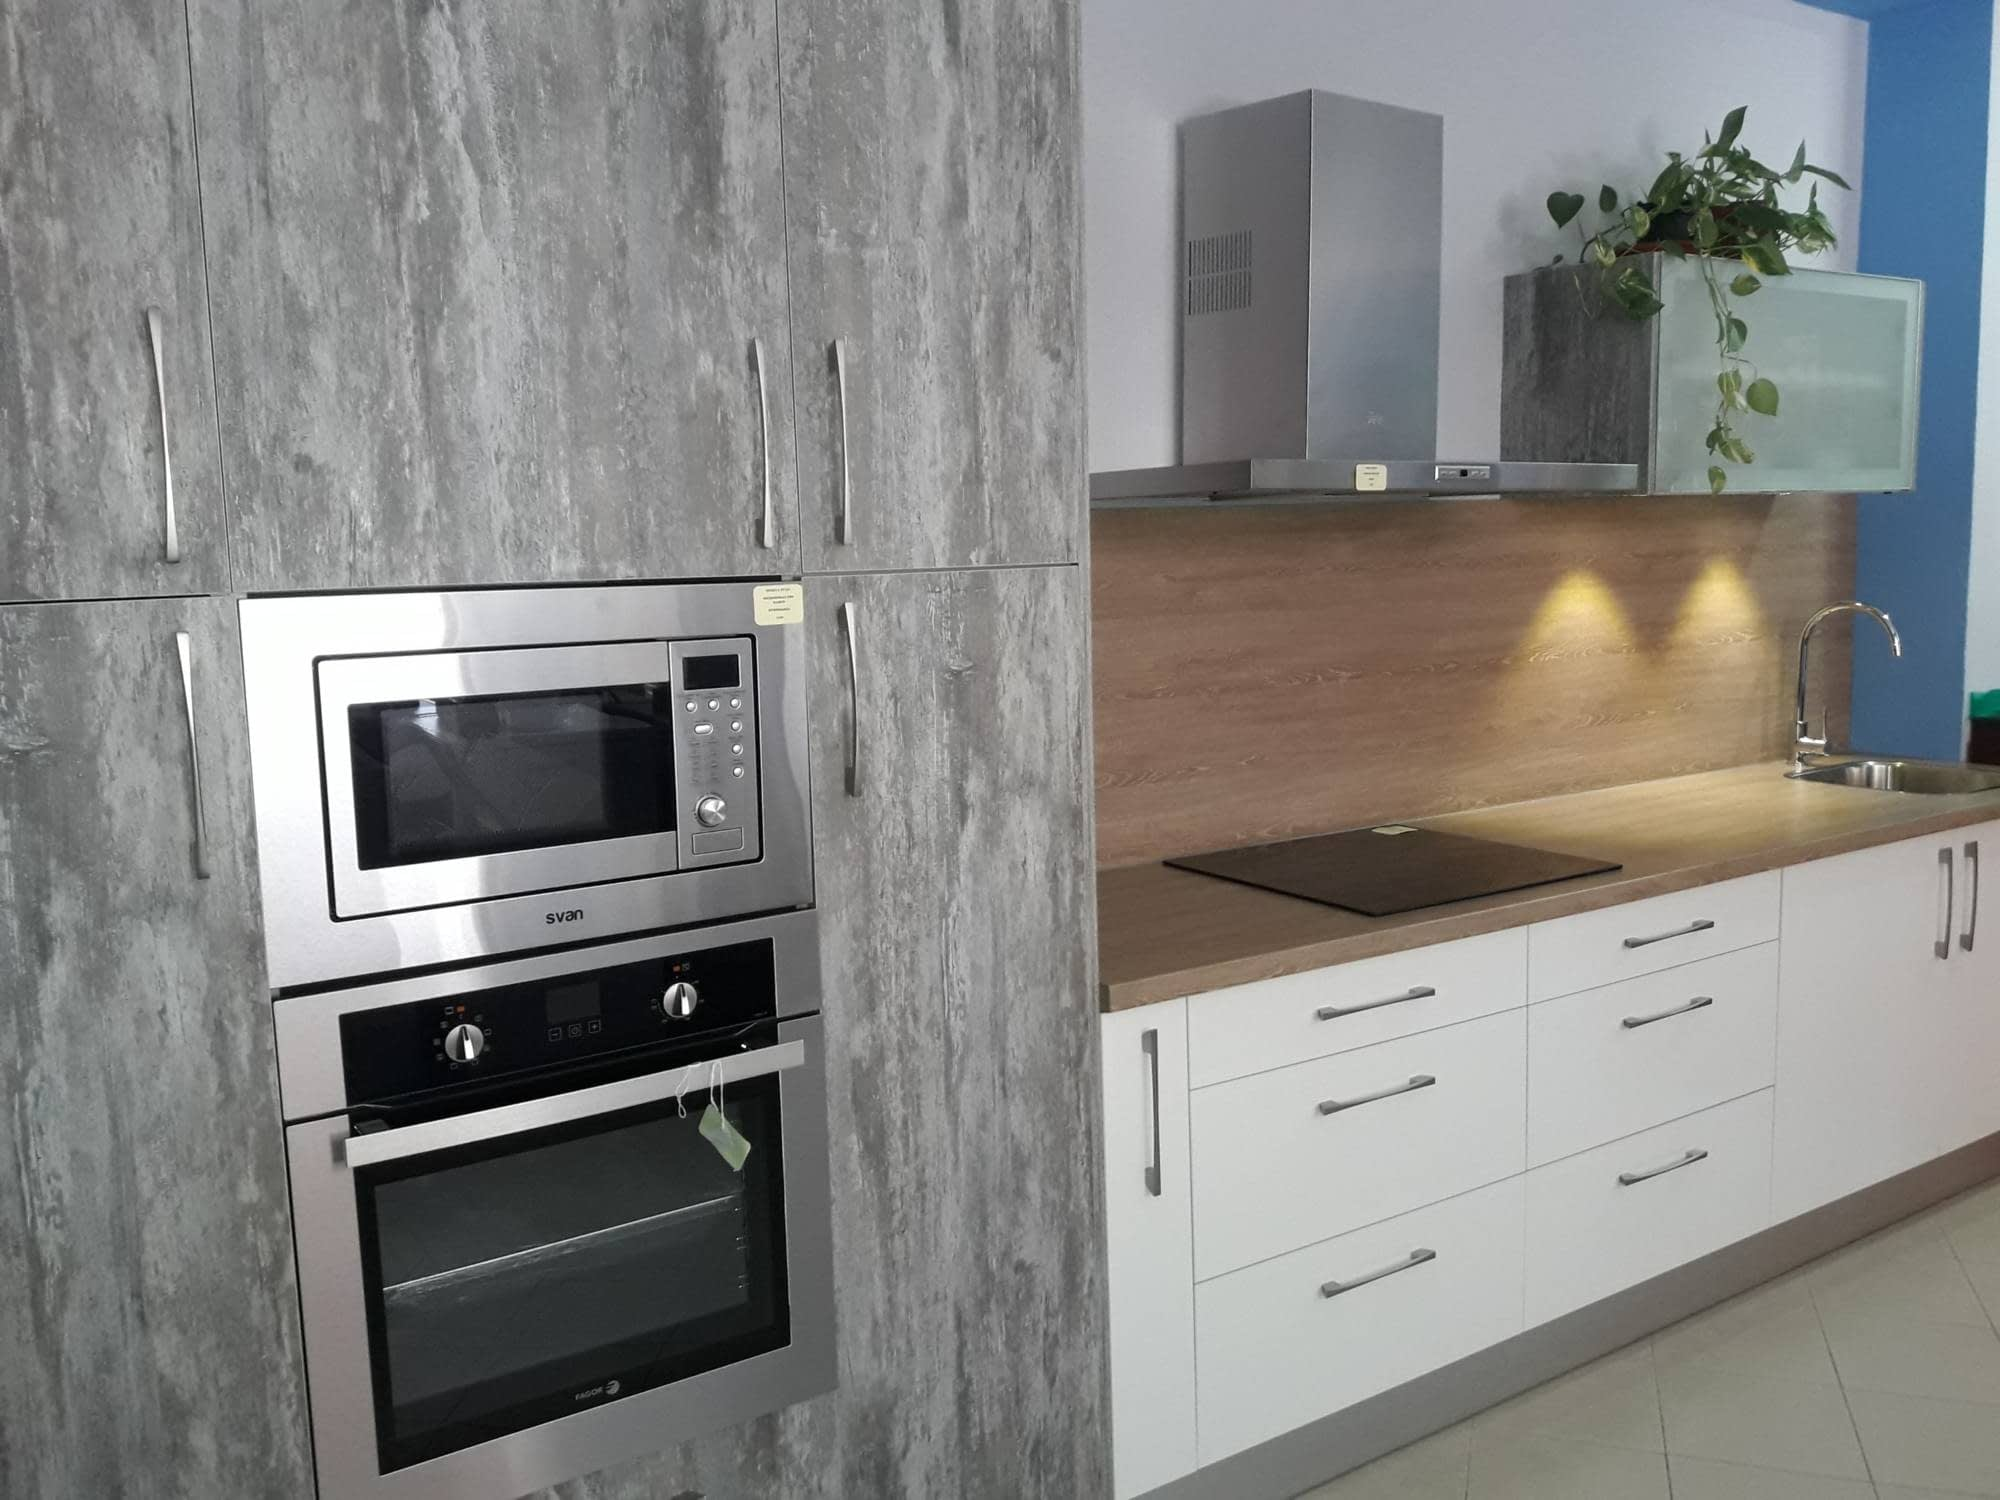 Muebles de cocina   Tienda de electrodomésticos en Huelva   Marconi ...